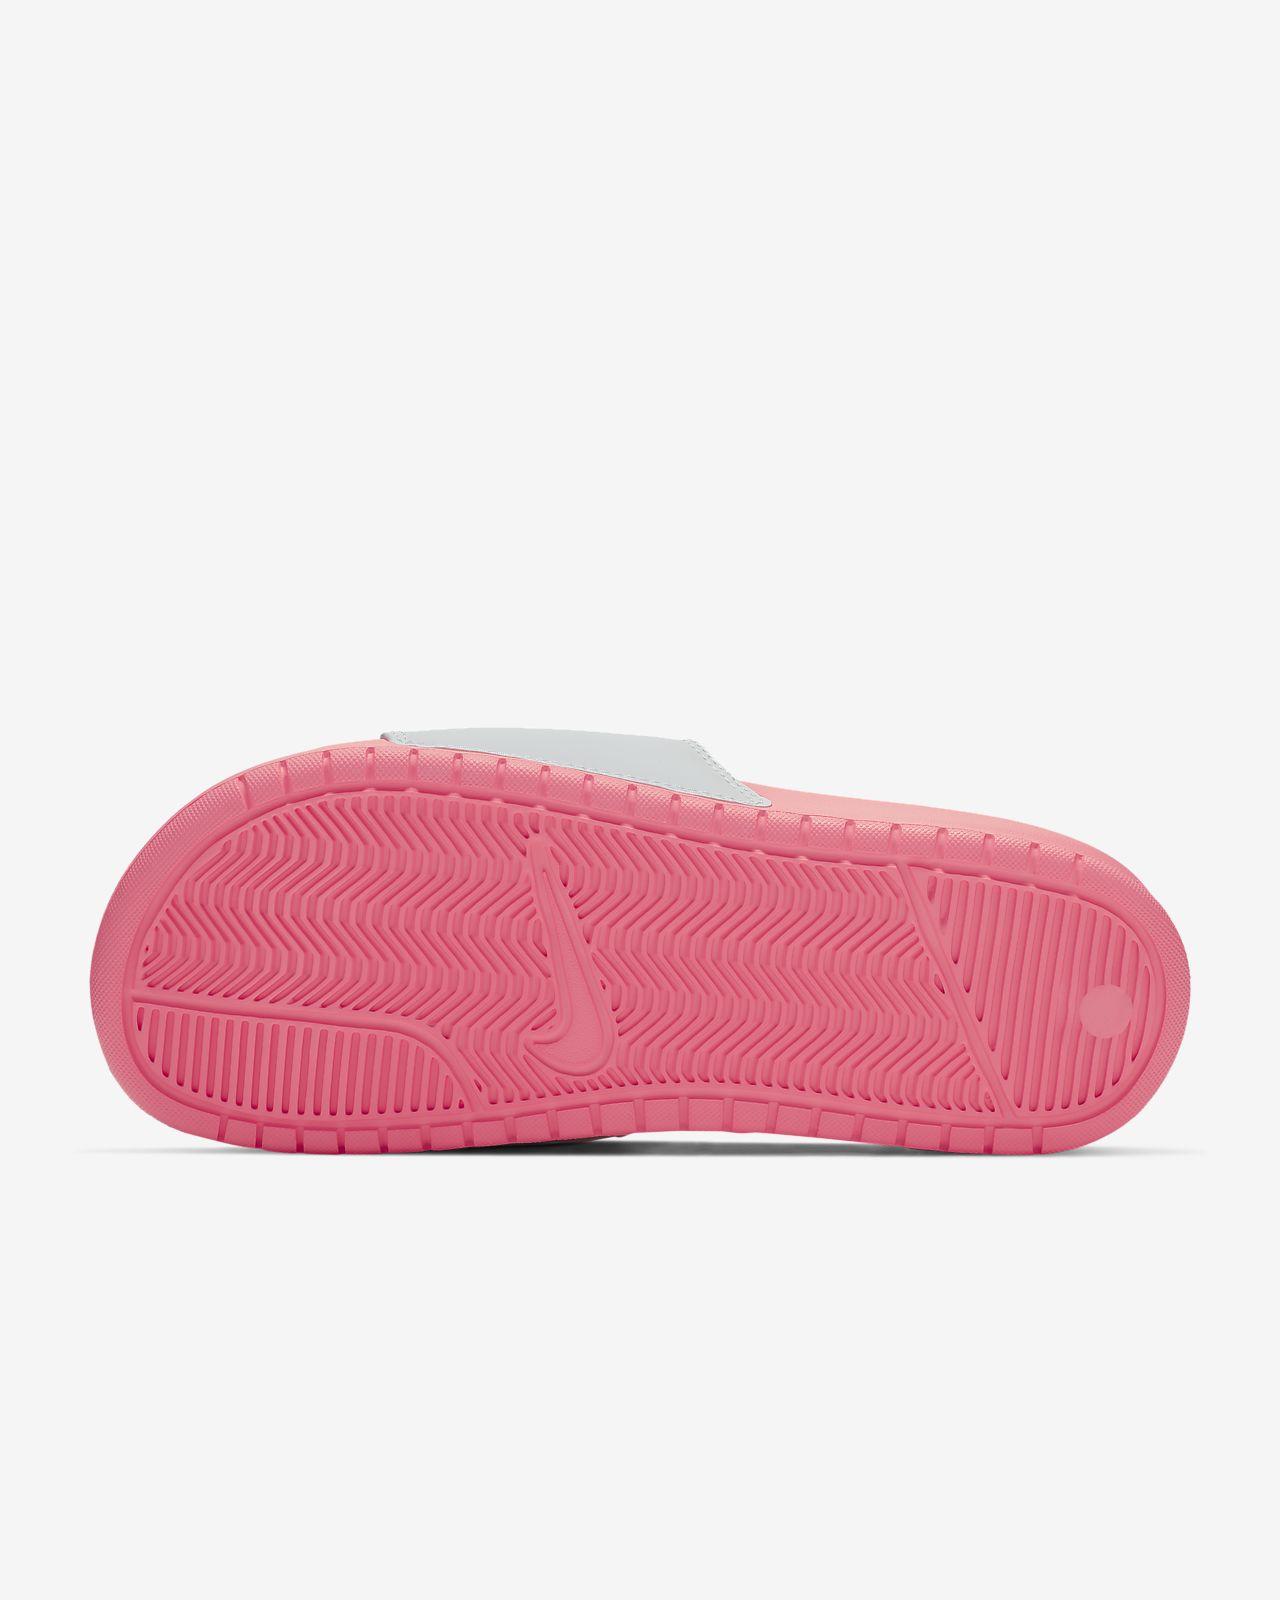 bad9e7616cb5d Nike Benassi Women's Slide